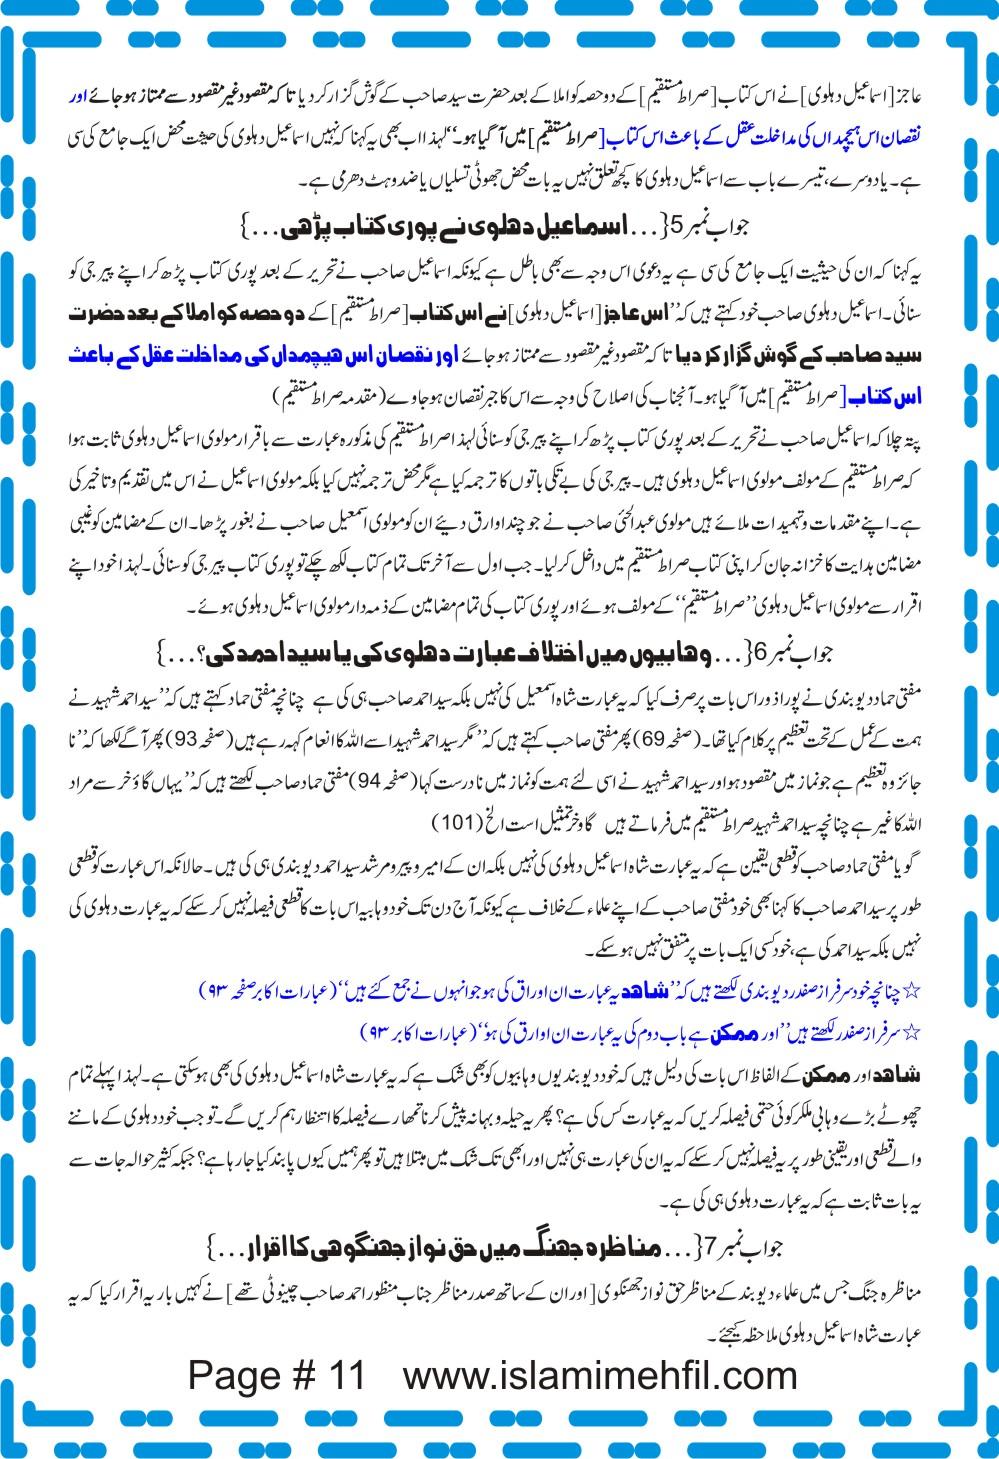 Siratul Mustaqeem (11).jpg